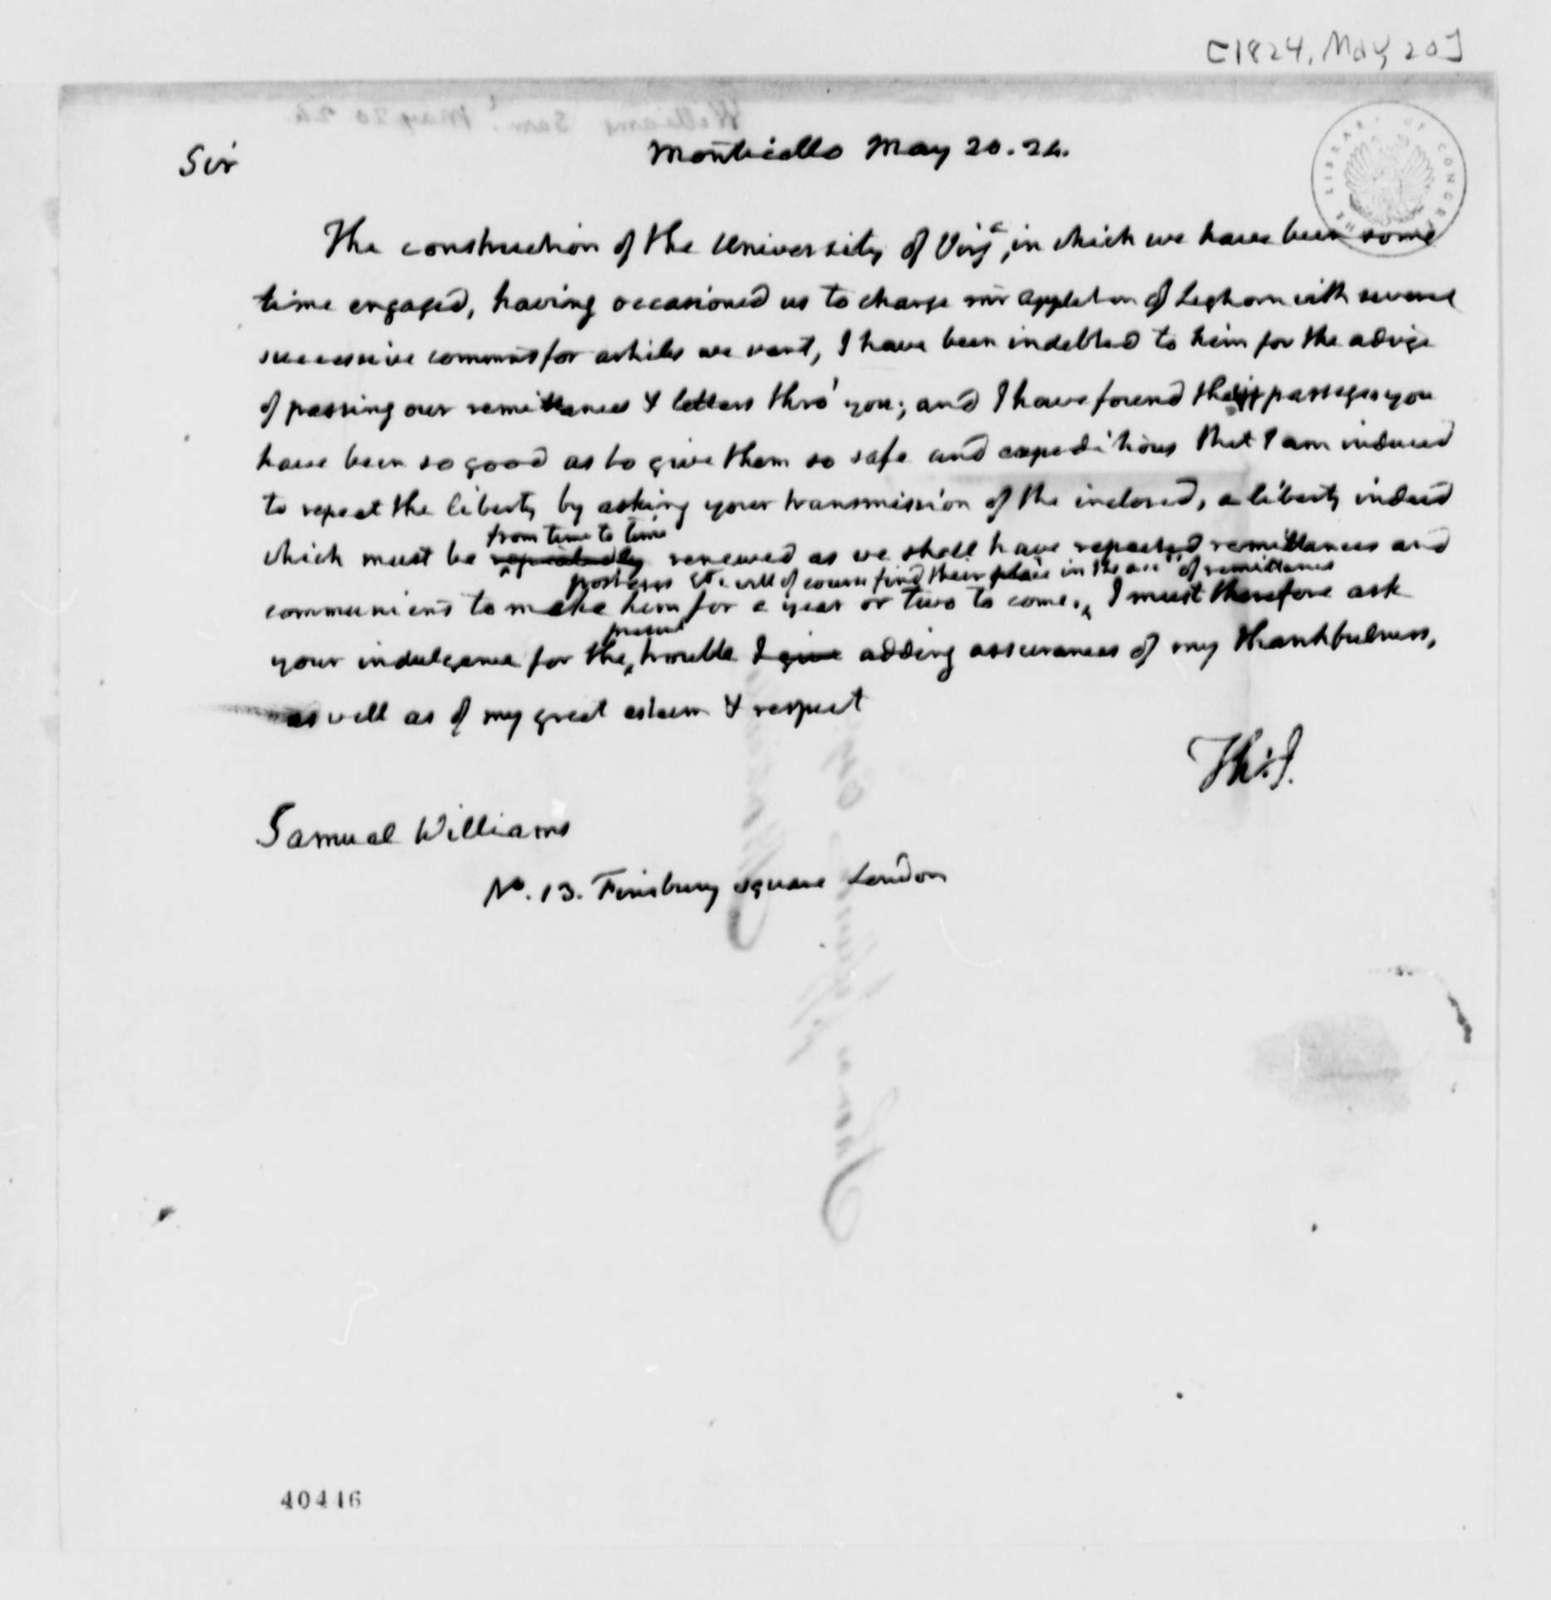 Thomas Jefferson to Samuel Williams, May 20, 1824